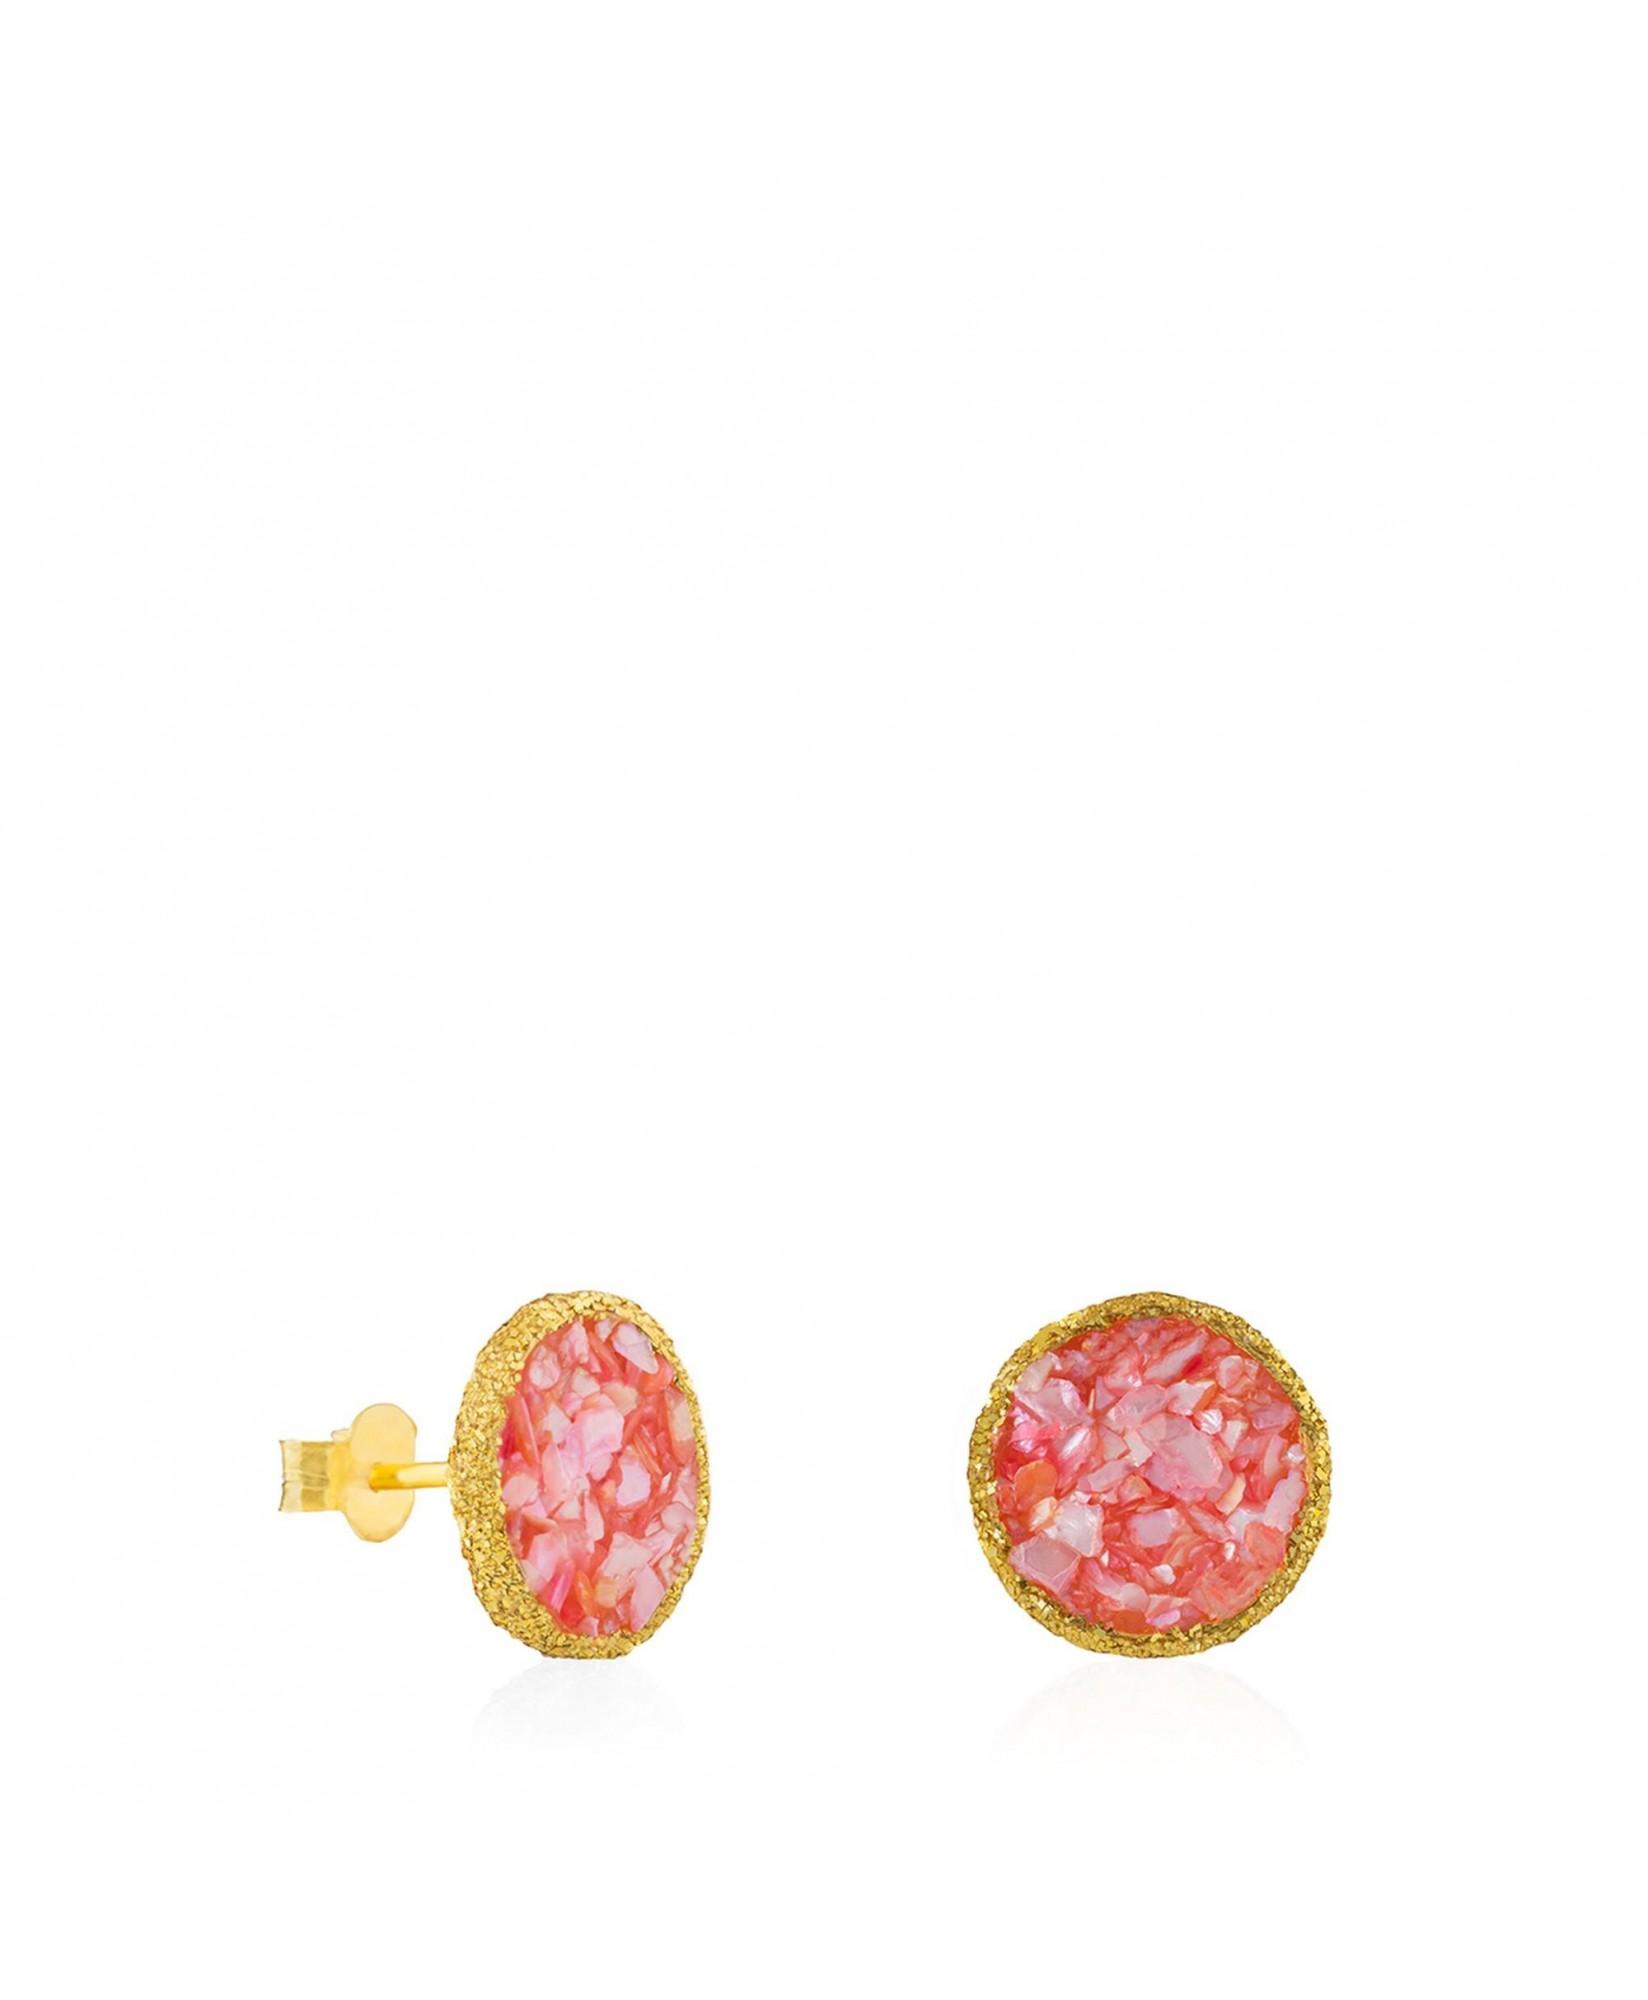 Pendientes dormilonas oro grandes Soft con nácar rosa Pendientes dormilonas oro grandes Soft con nácar rosa